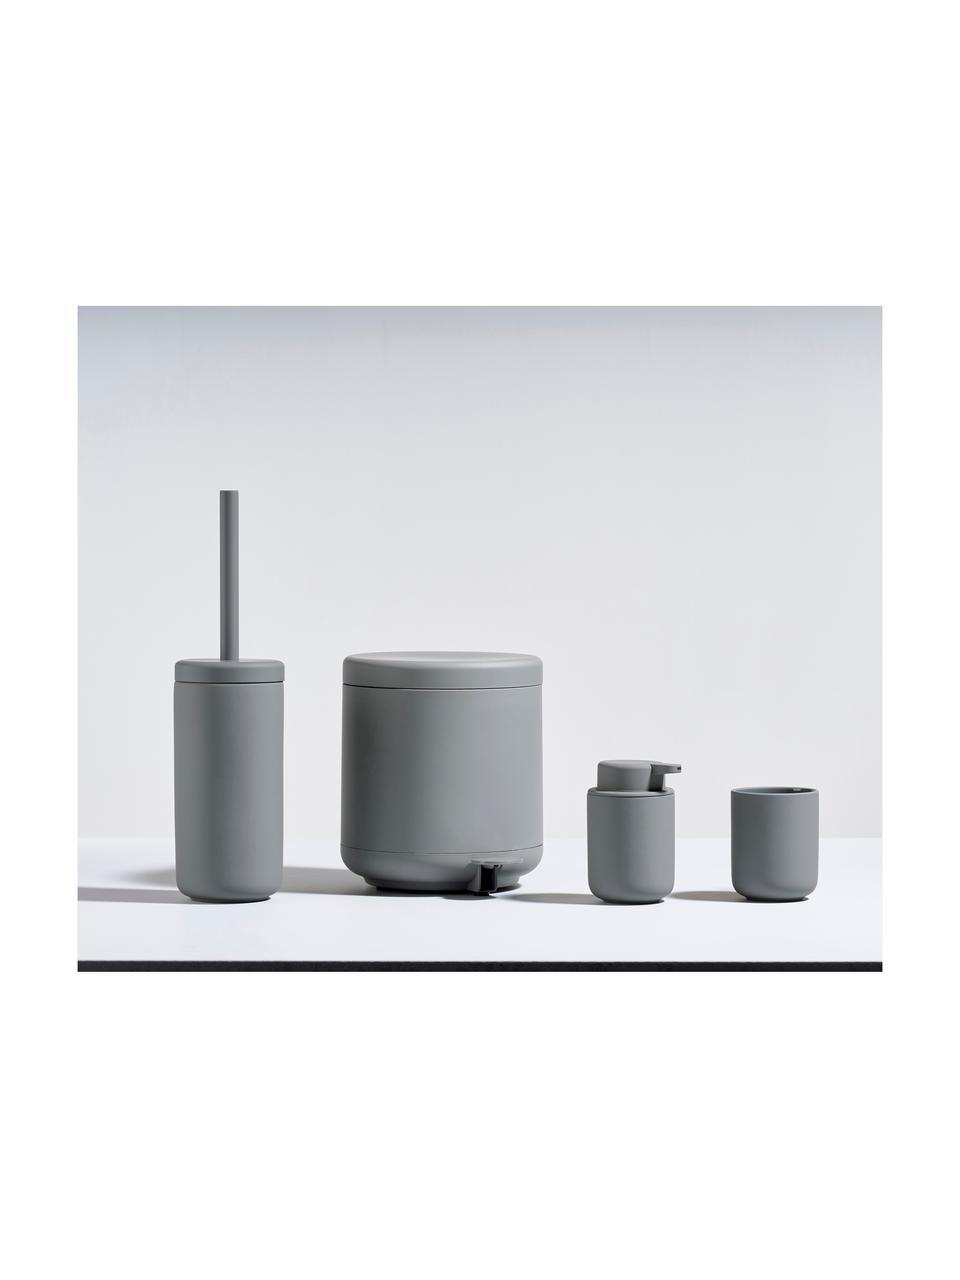 Zahnputzbecher Ume aus Steingut, Steingut überzogen mit Soft-touch-Oberfläche (Kunststoff), Grau, matt, Ø 8 x H 10 cm